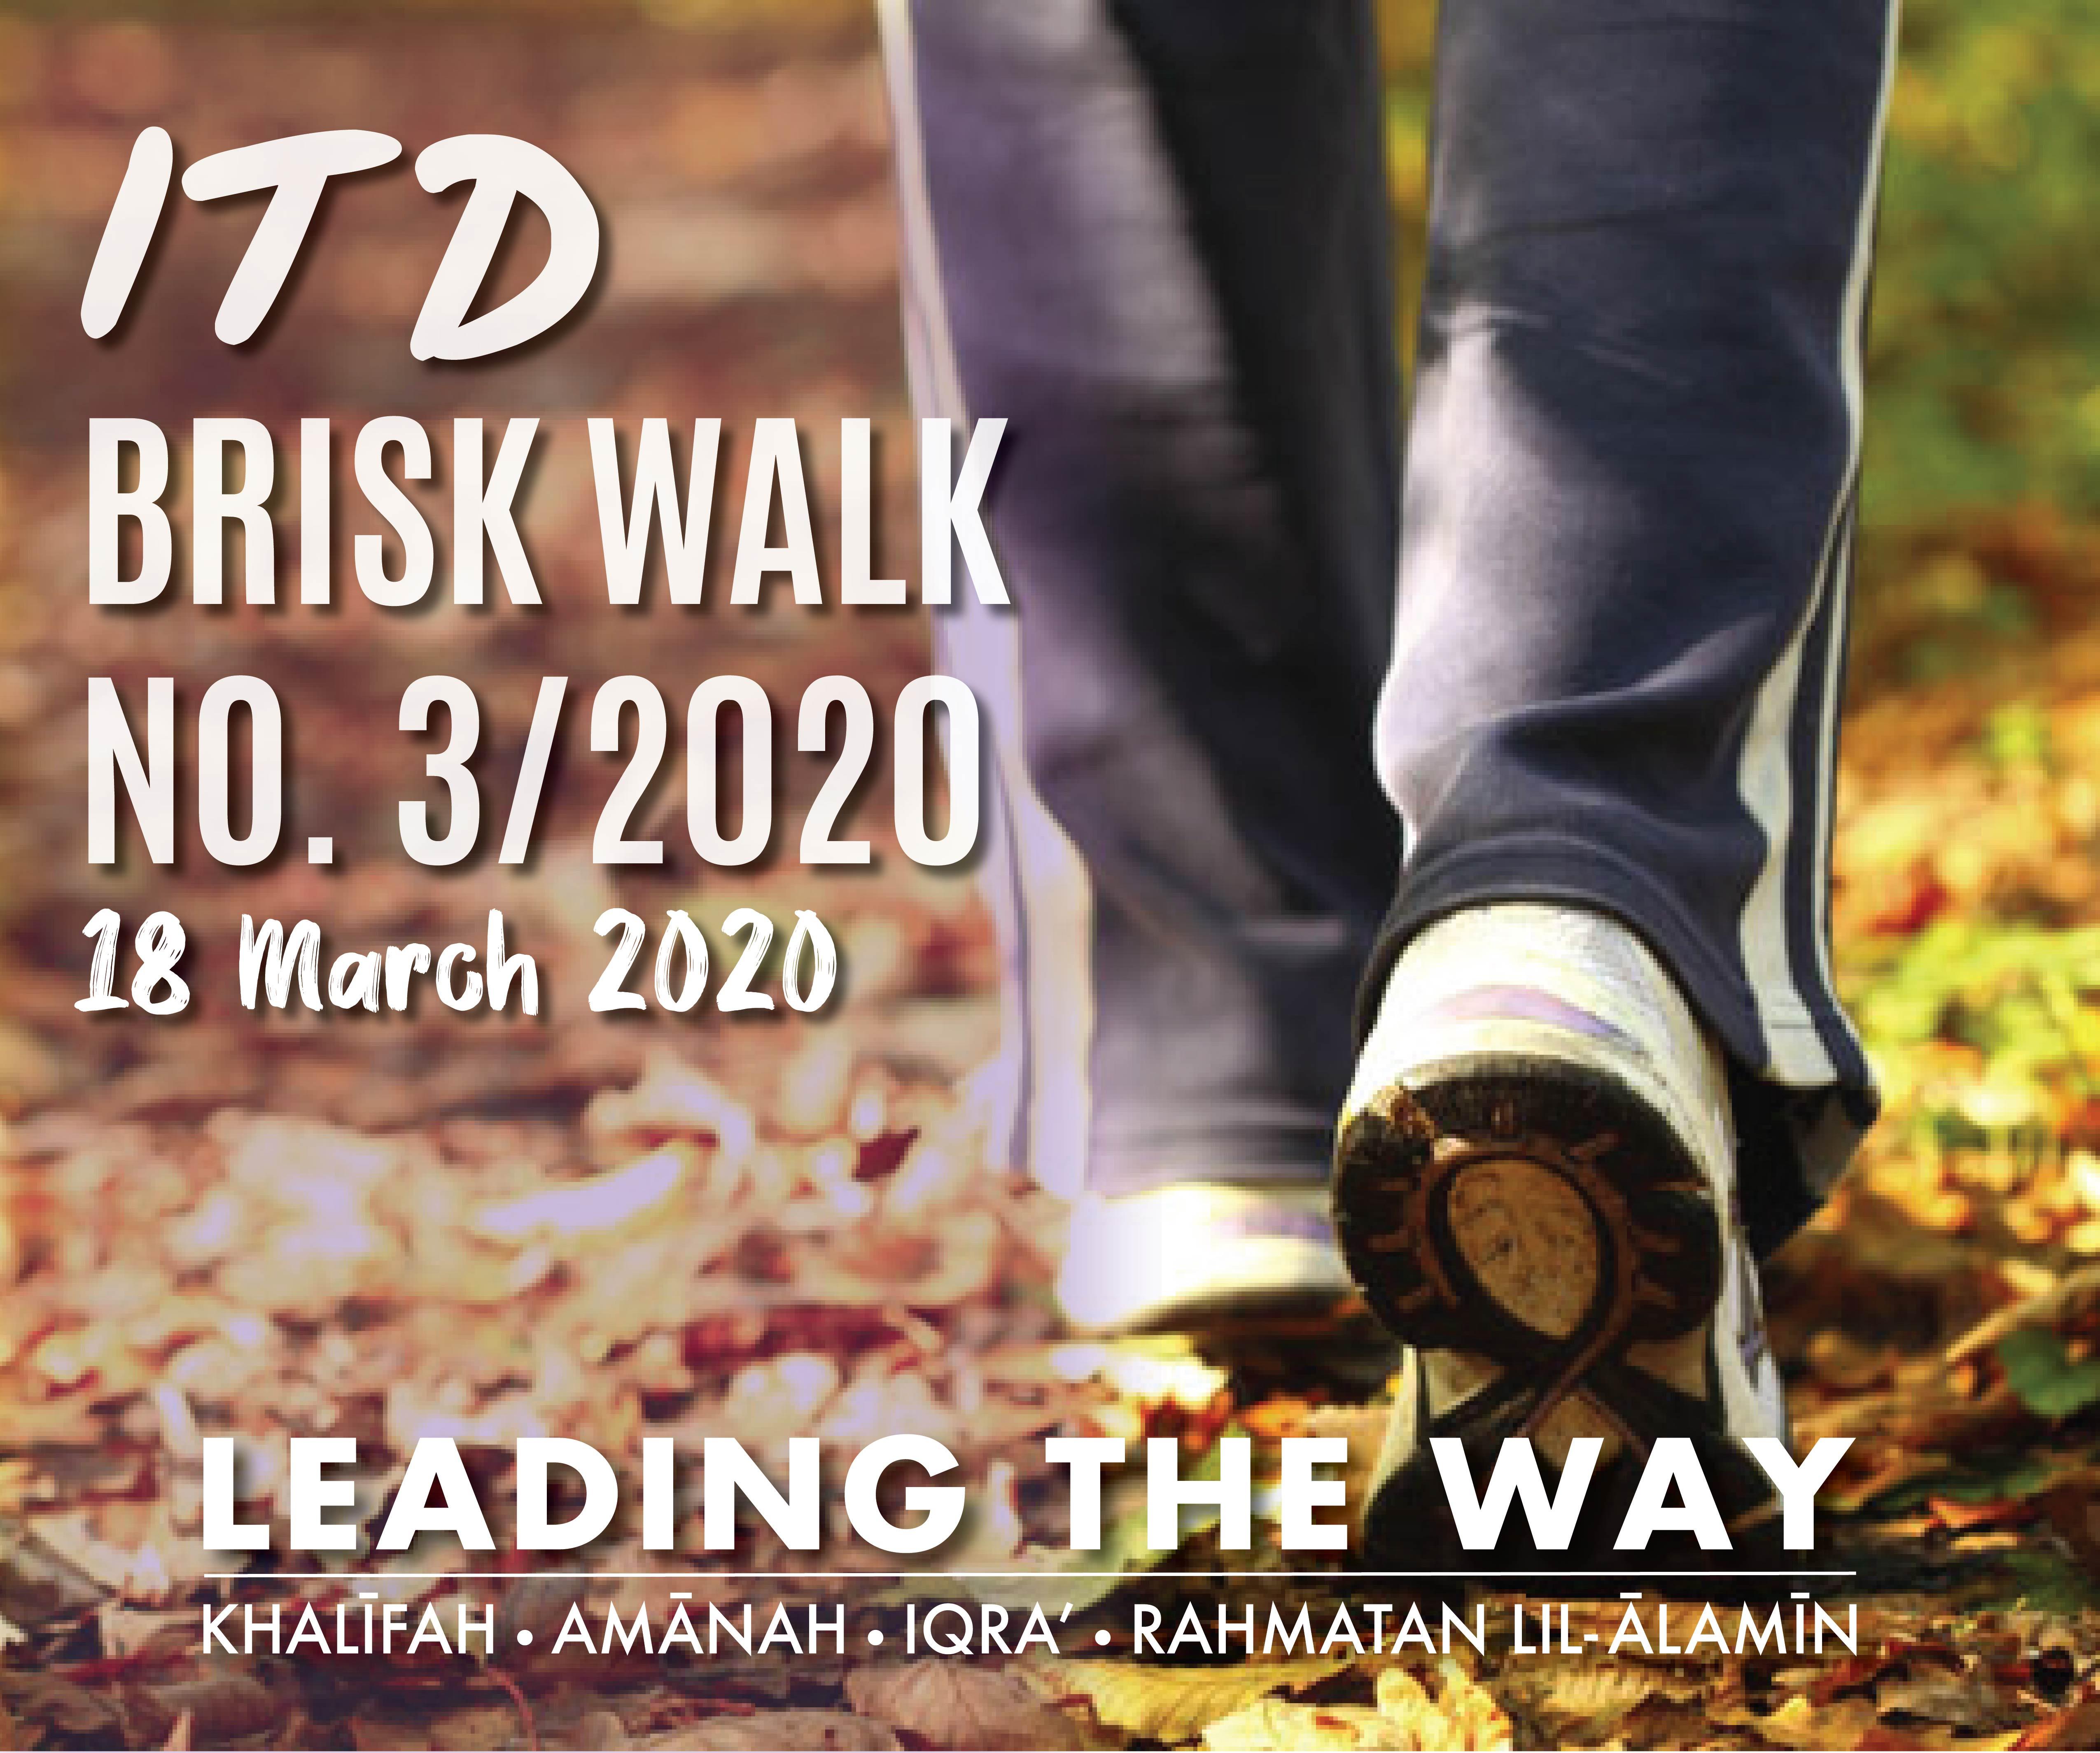 ITD Brisk Walk No.3/2020